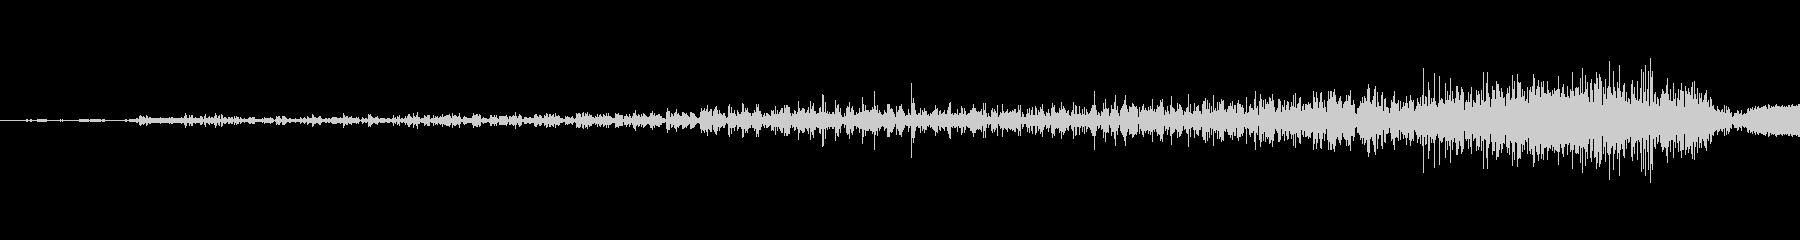 ジッパーを開ける音(ジーッ)の未再生の波形